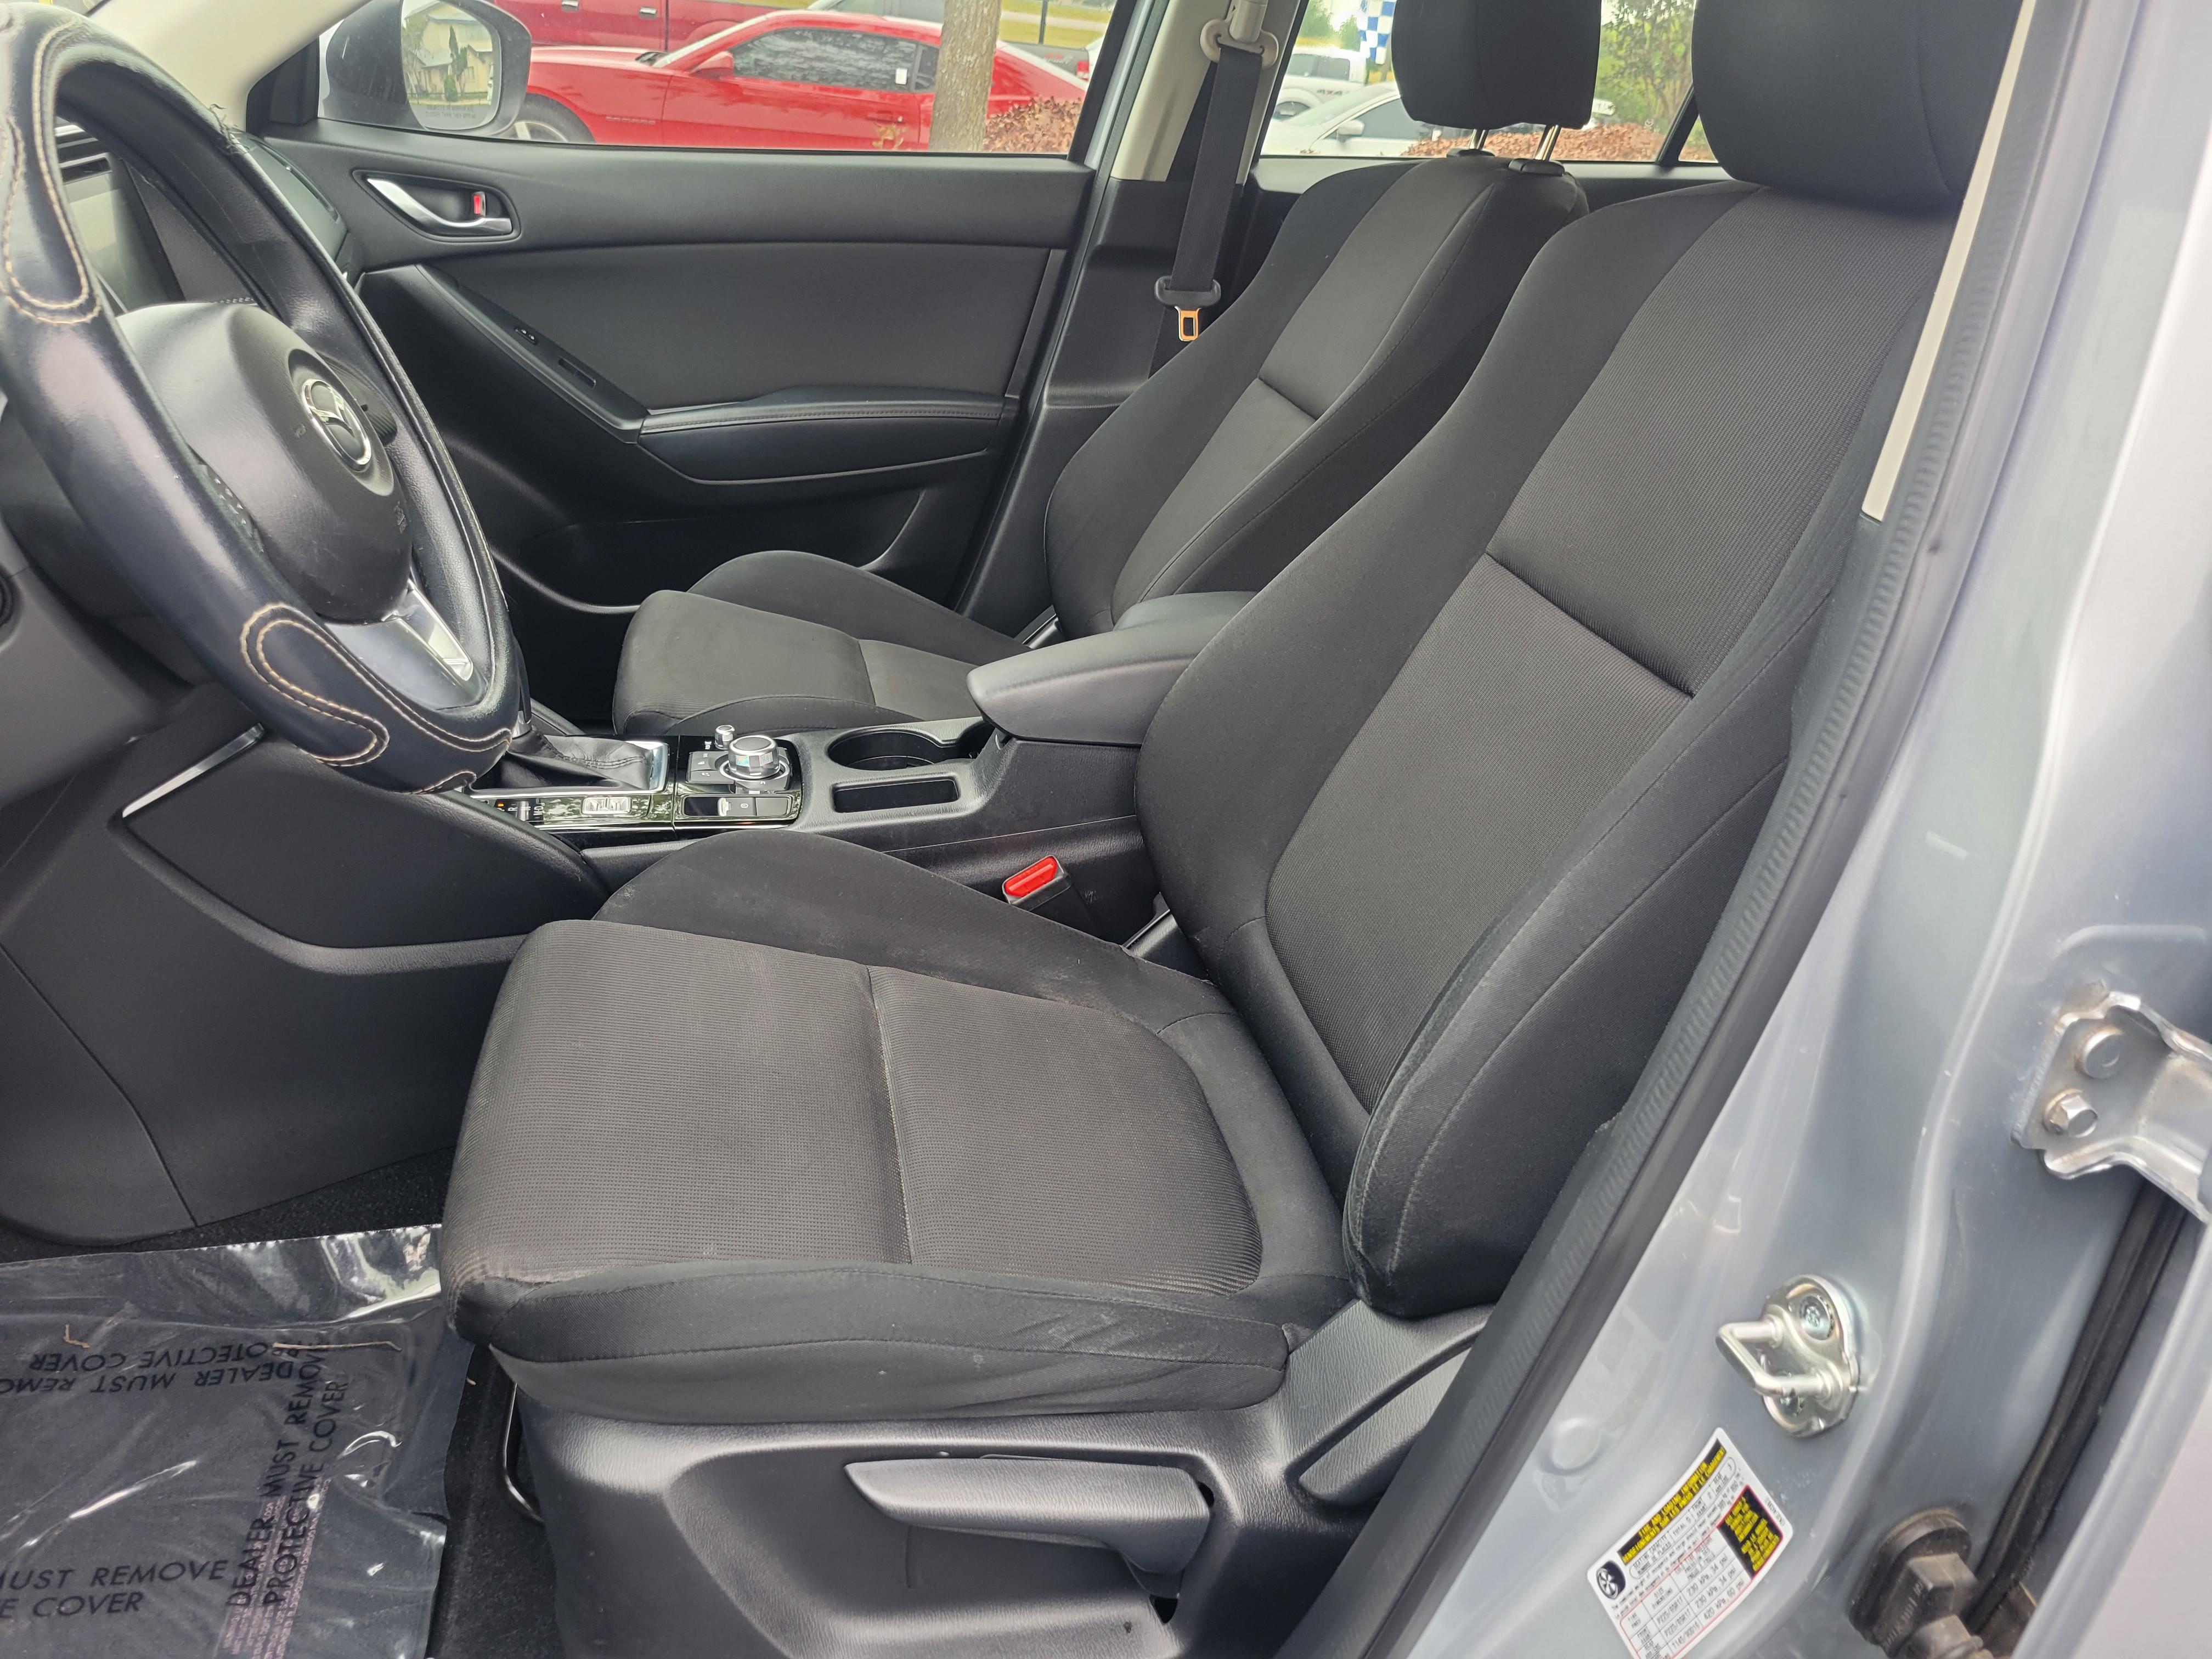 used vehicle - SUV MAZDA CX-5 2016